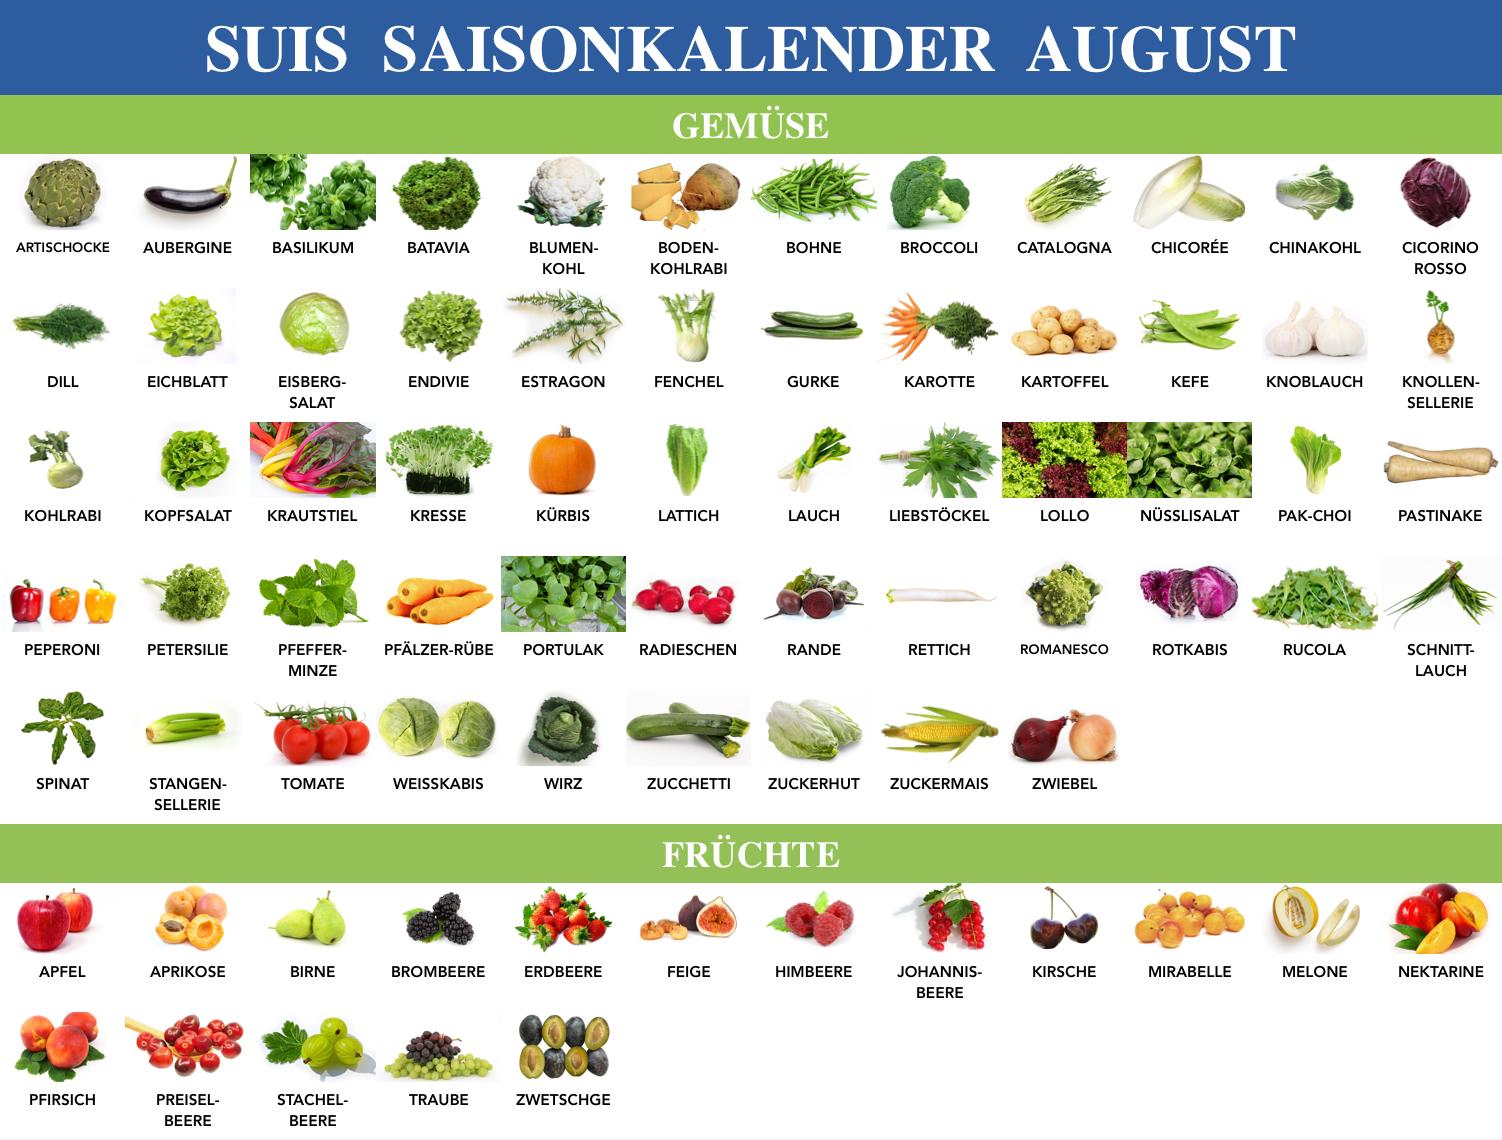 Schweizer Gemüse und Früchte im August > umweltnetz schweiz